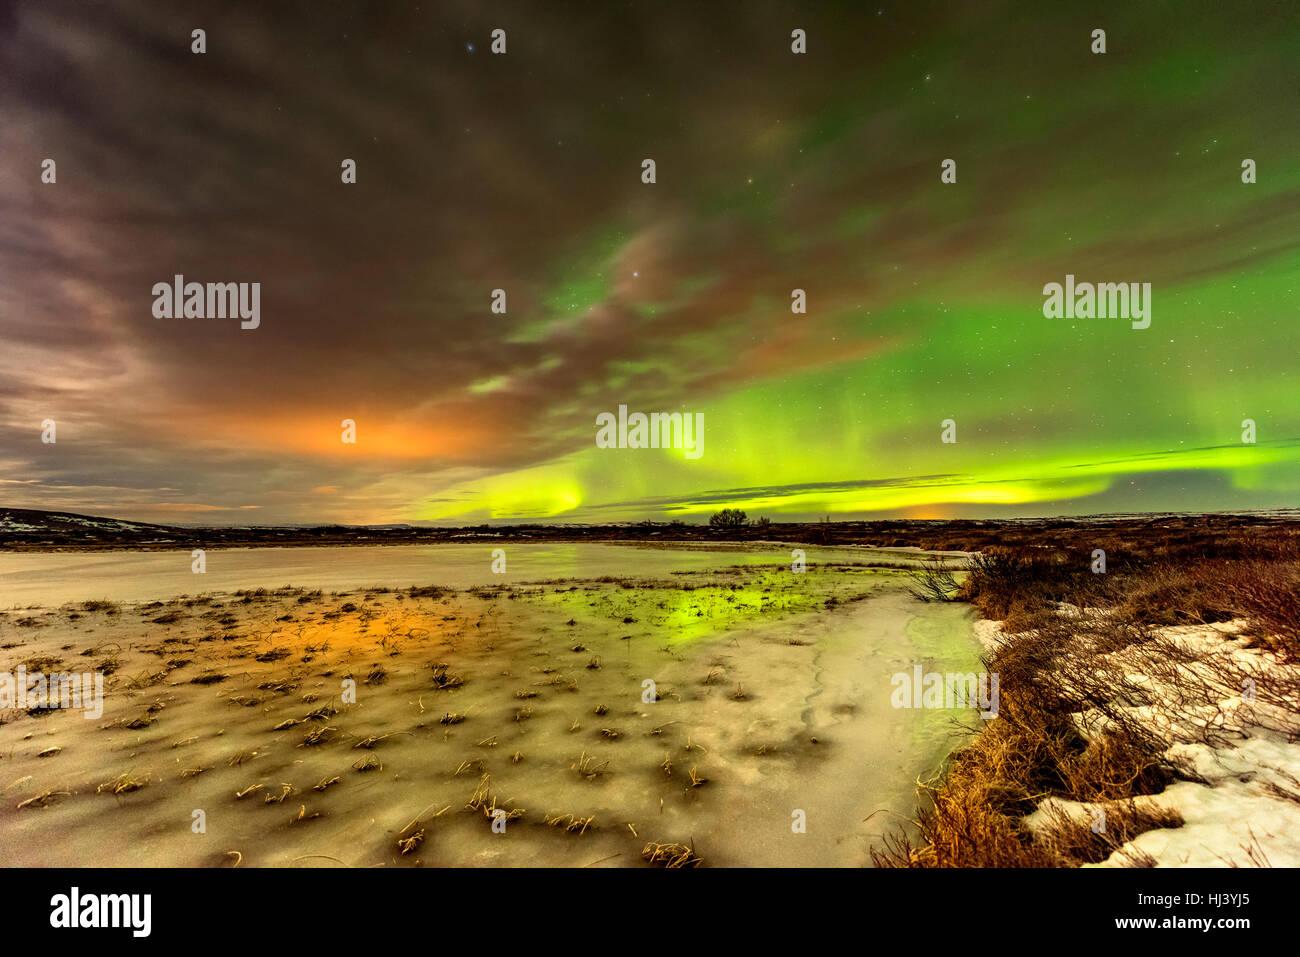 Aurora Borealis leuchtet über einen gefrorenen See, umgeben von niedrigen Wolken und Sterne Stockbild